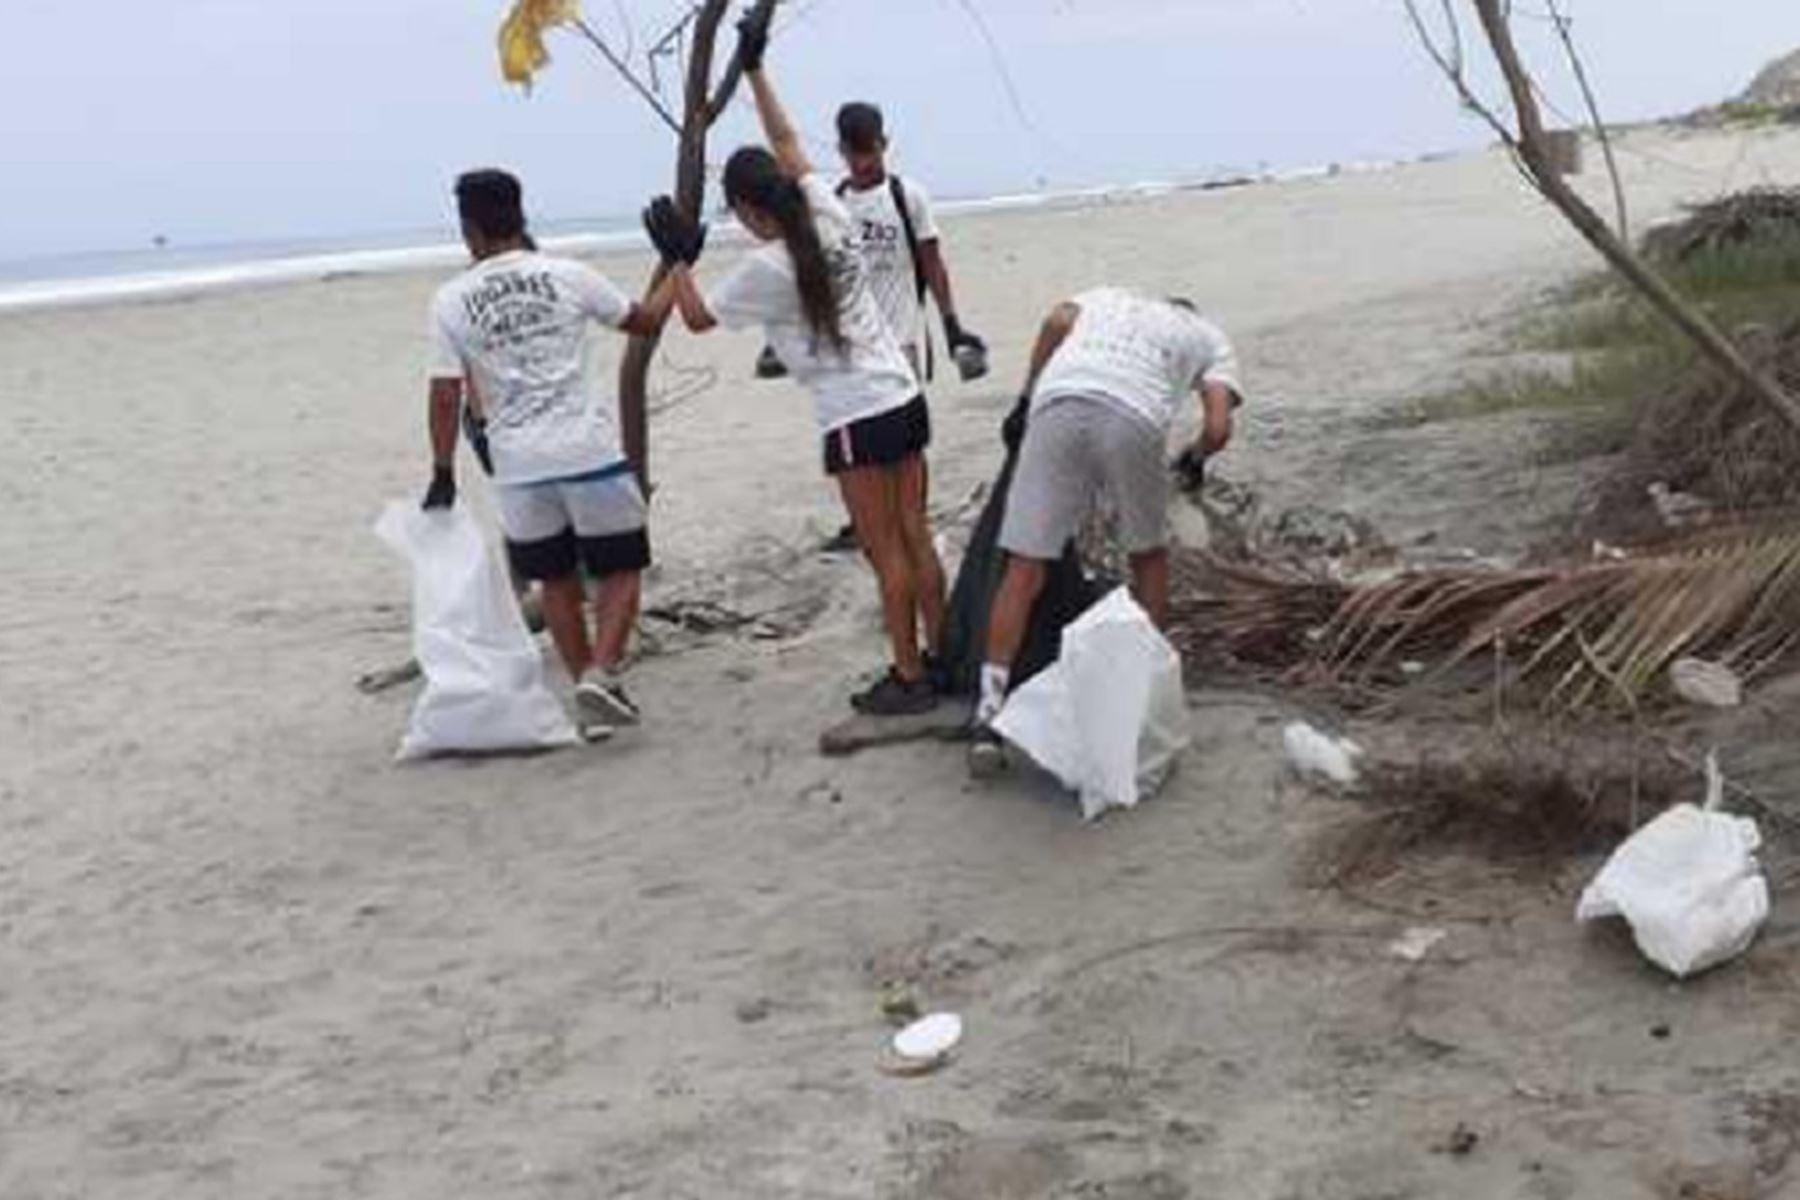 Conoce a estos guardianes que luchan por mantener limpias nuestras playas | Noticias